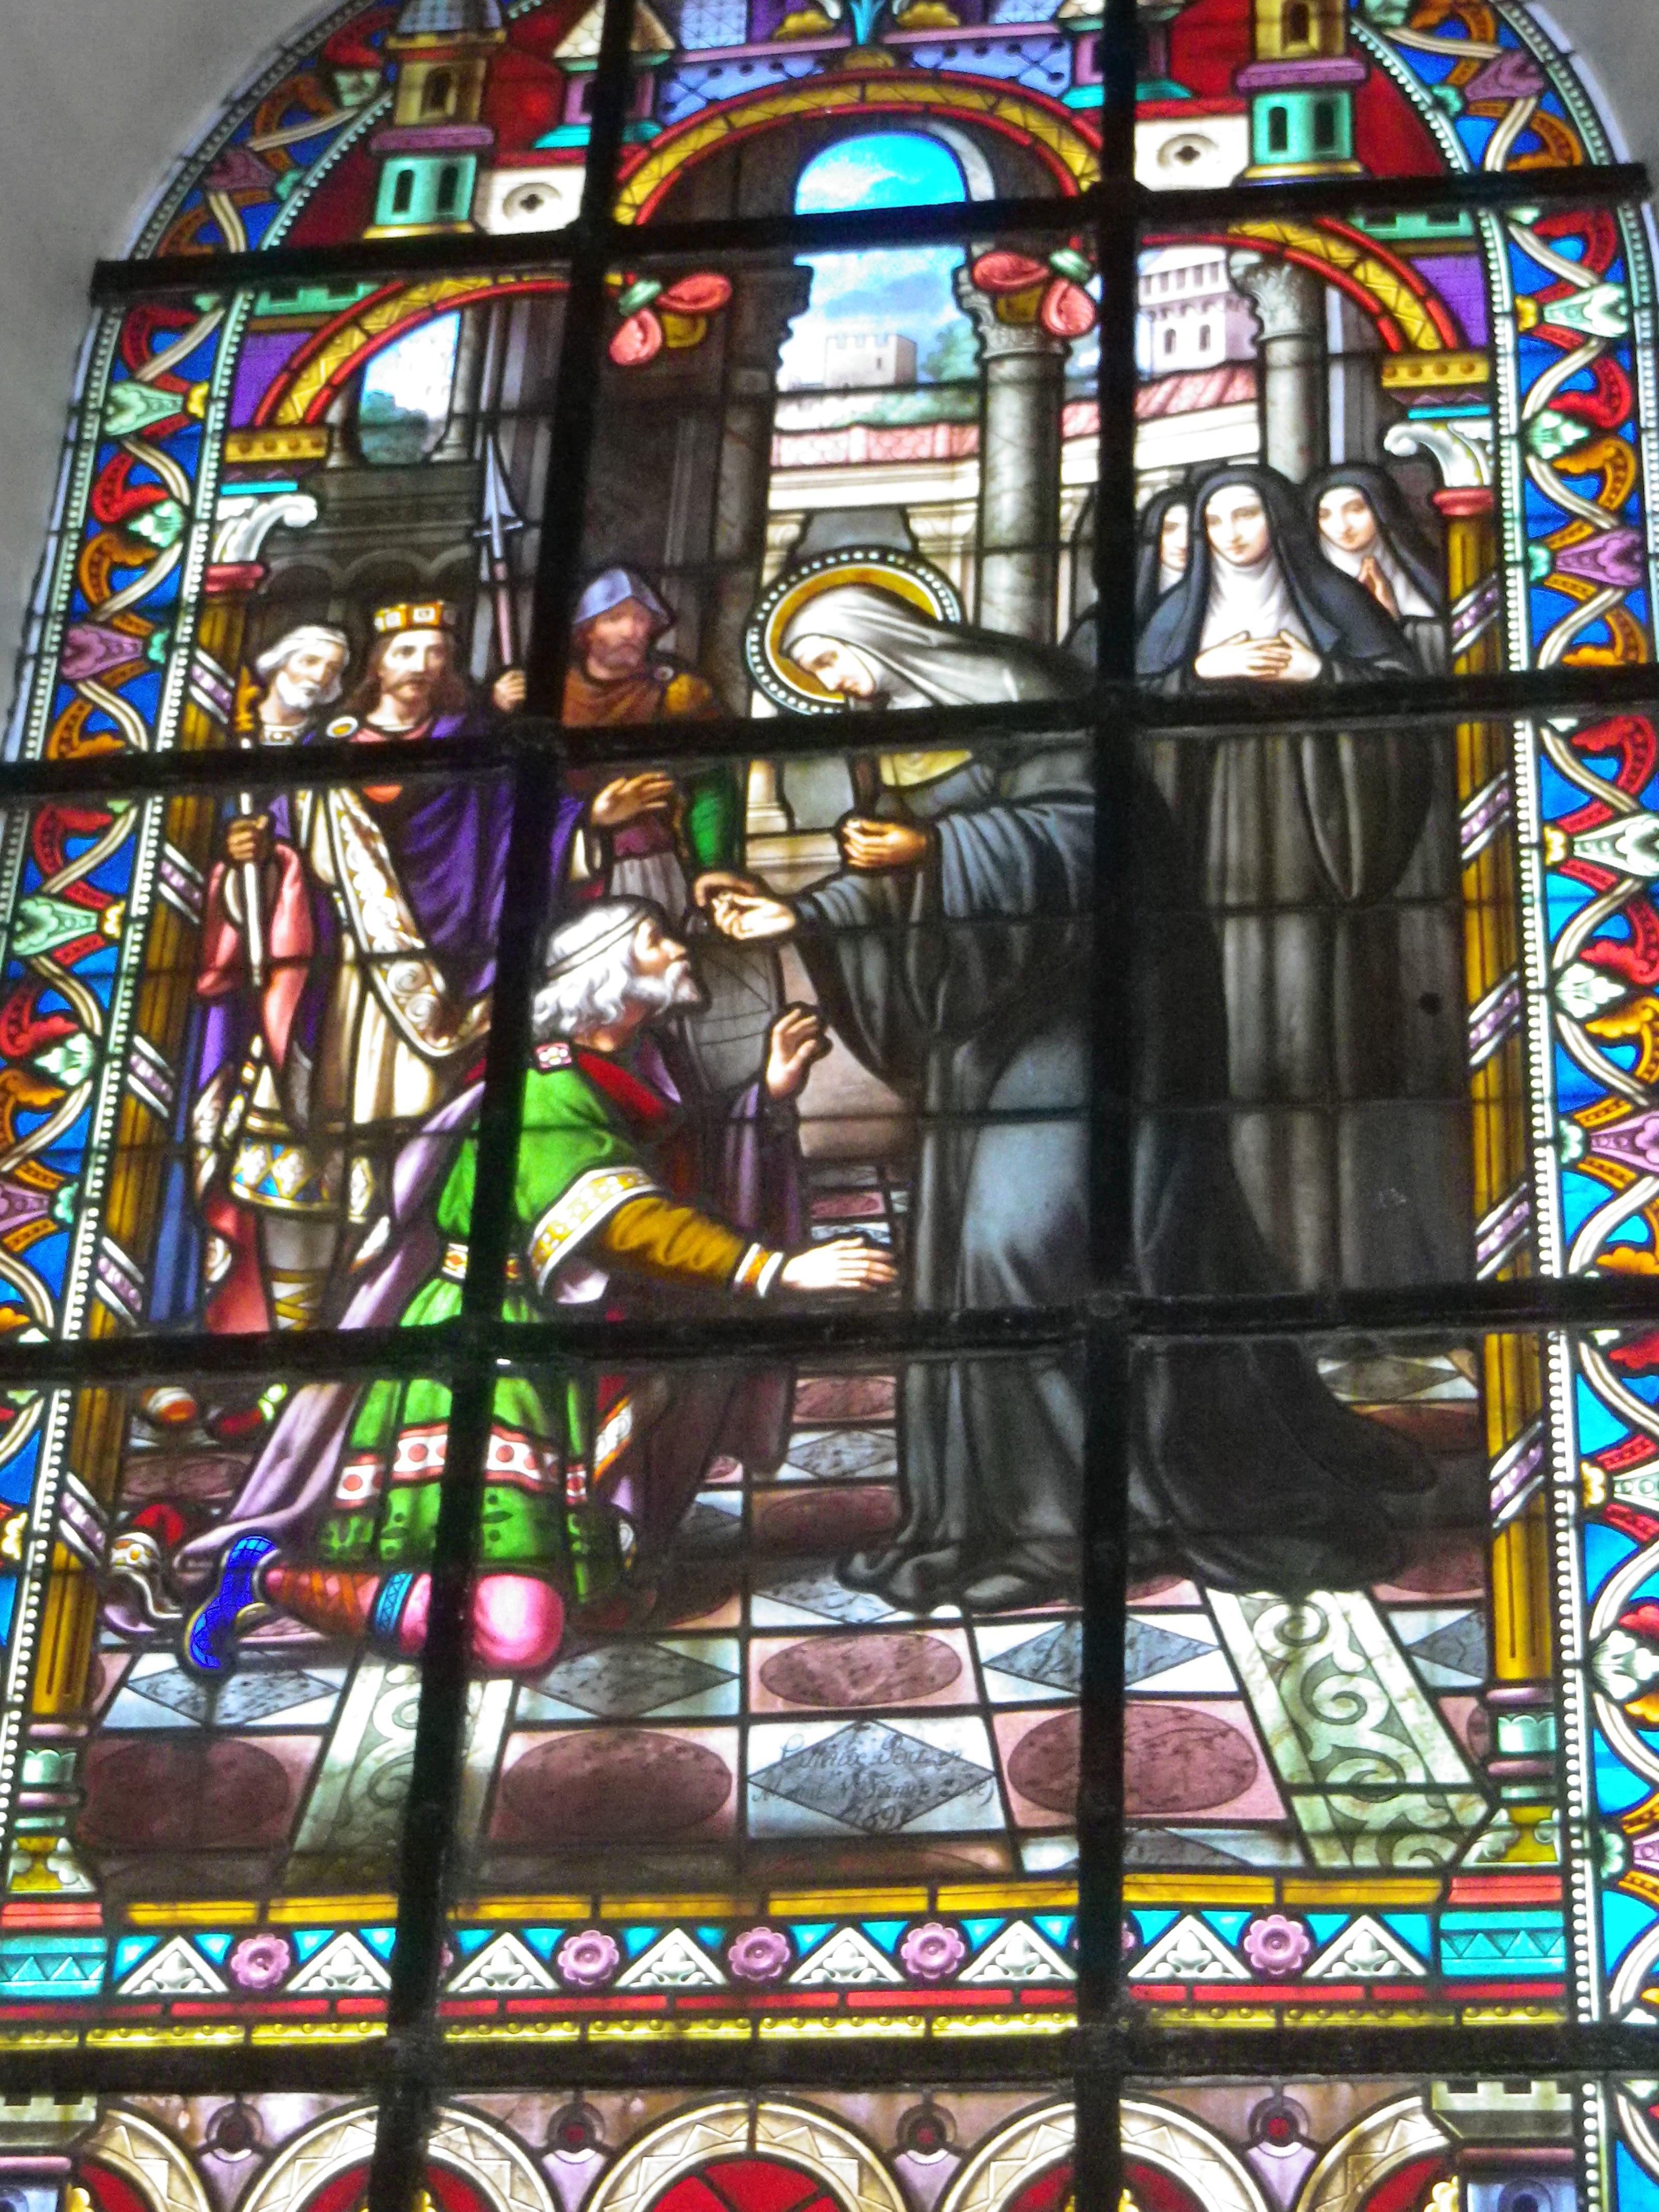 Ruodgaire demande l'intercession de Berthe pour recouvrer la vue, qu'il avait perdue en calomniant Berthe. Cette scène symbolise le repentir de cet officier du roi mérovingien Thierry III.